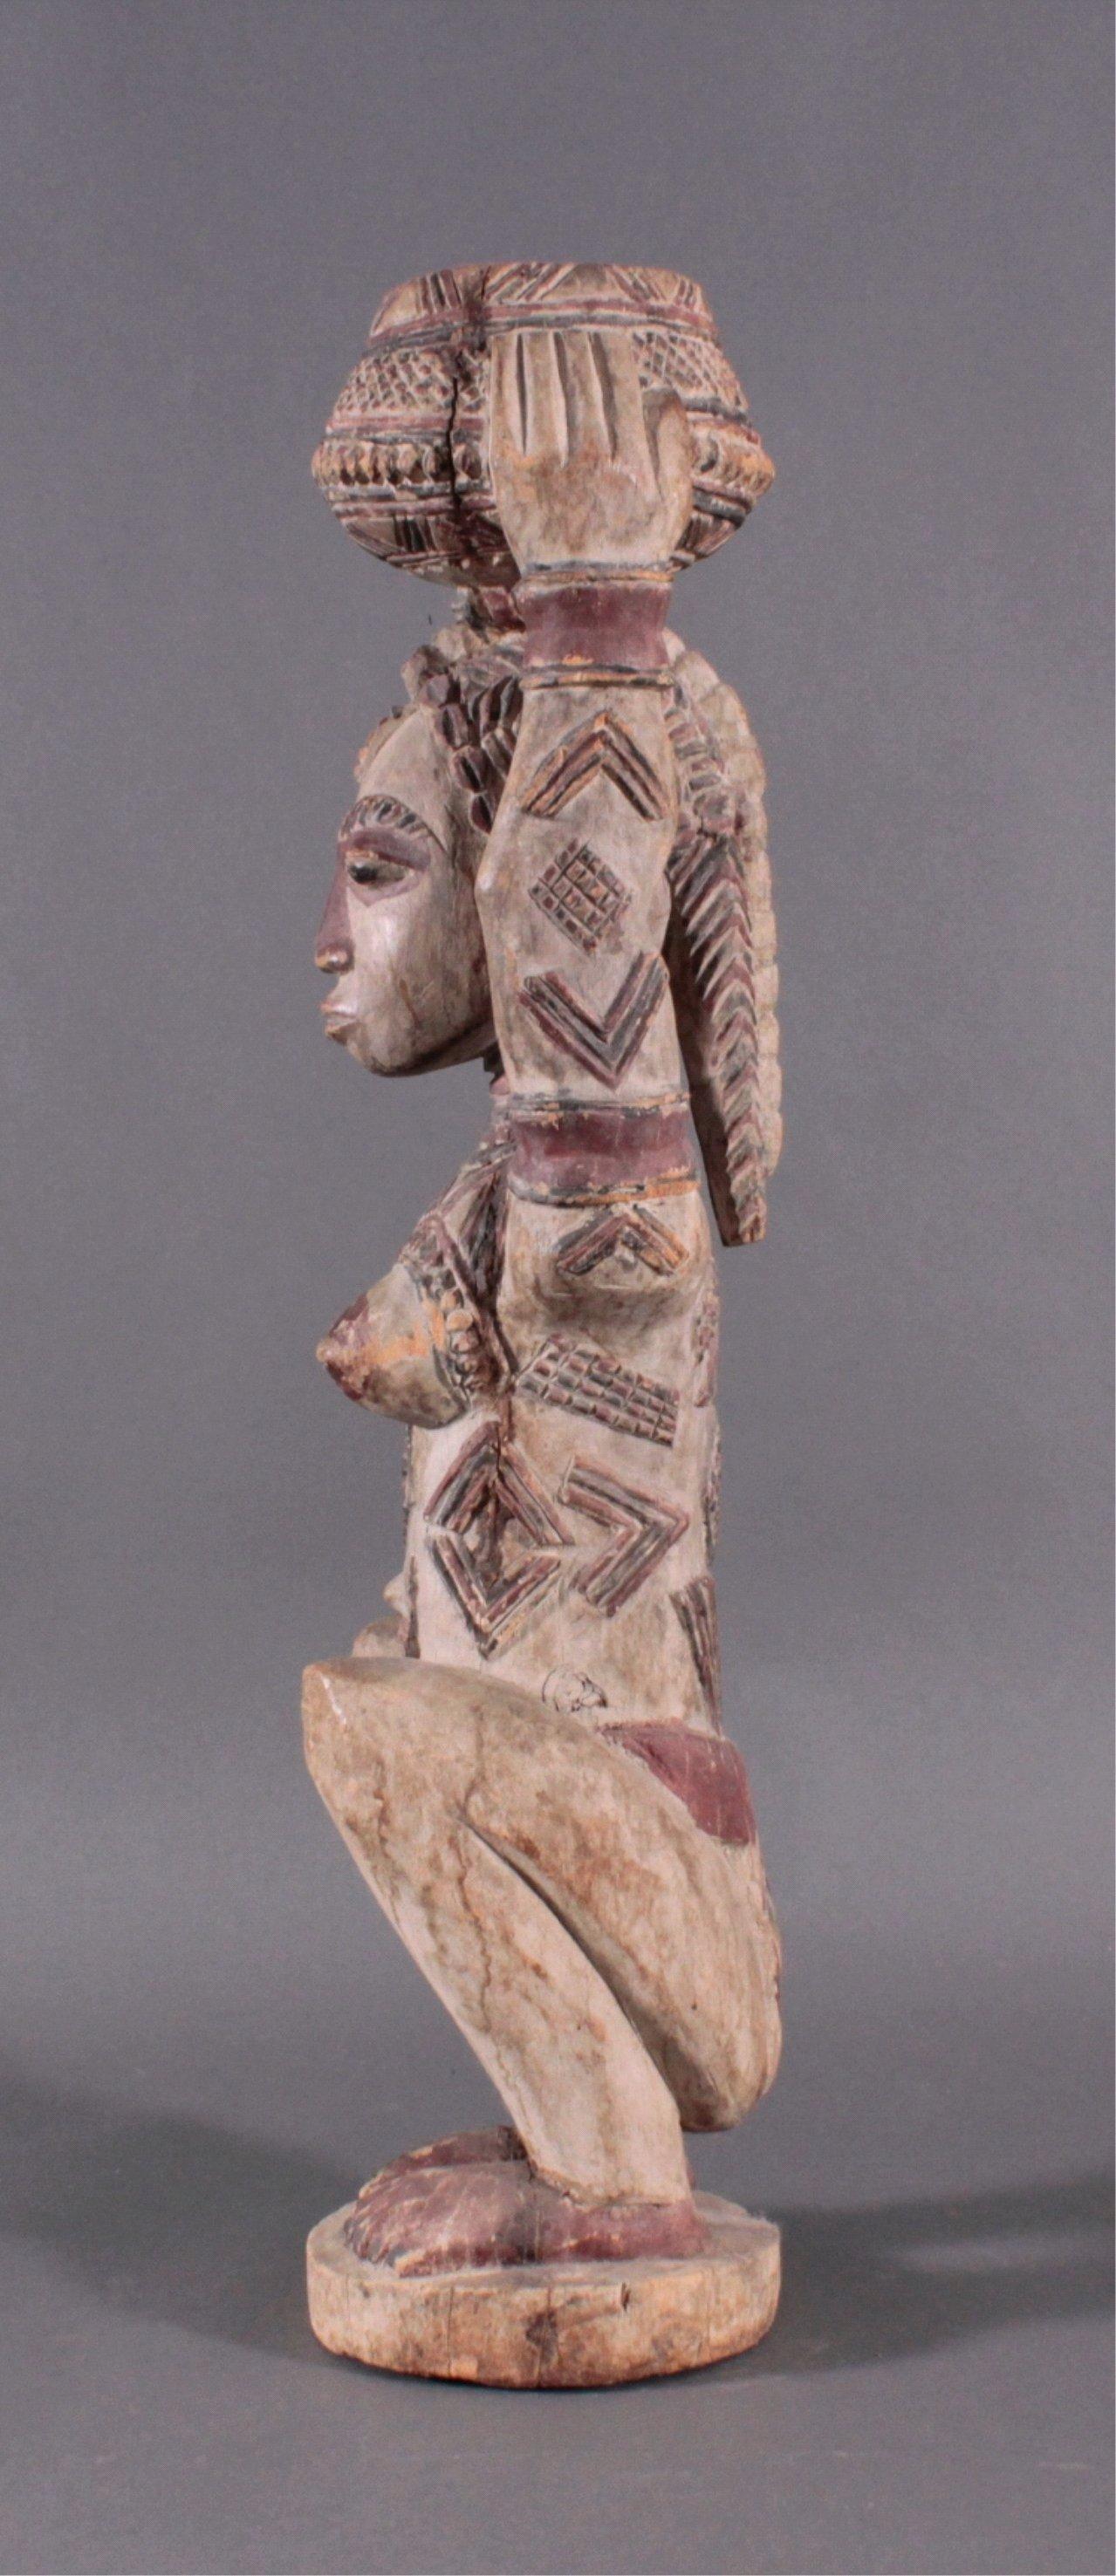 Weibliche Figur Afrika, 1. Häfte 20. Jahrhundert-3